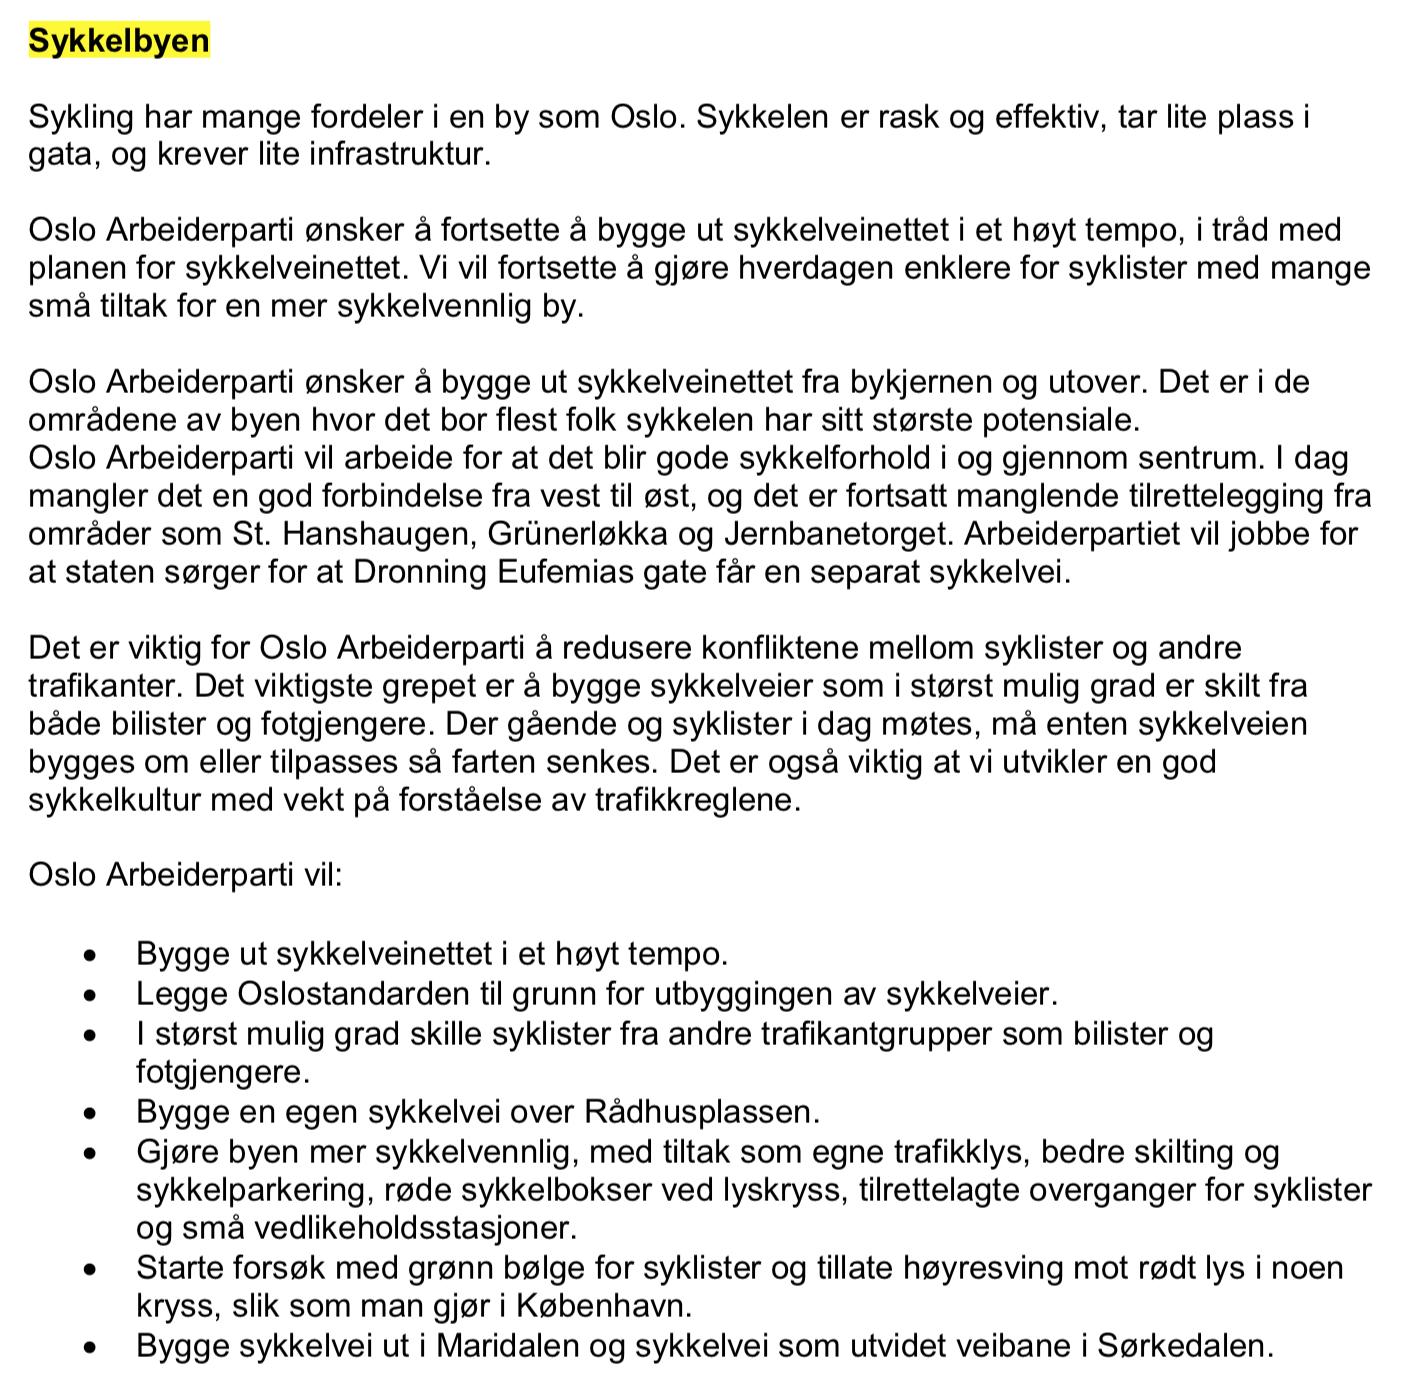 Skjermbilde 2019-07-28 kl. 11.50.33.png